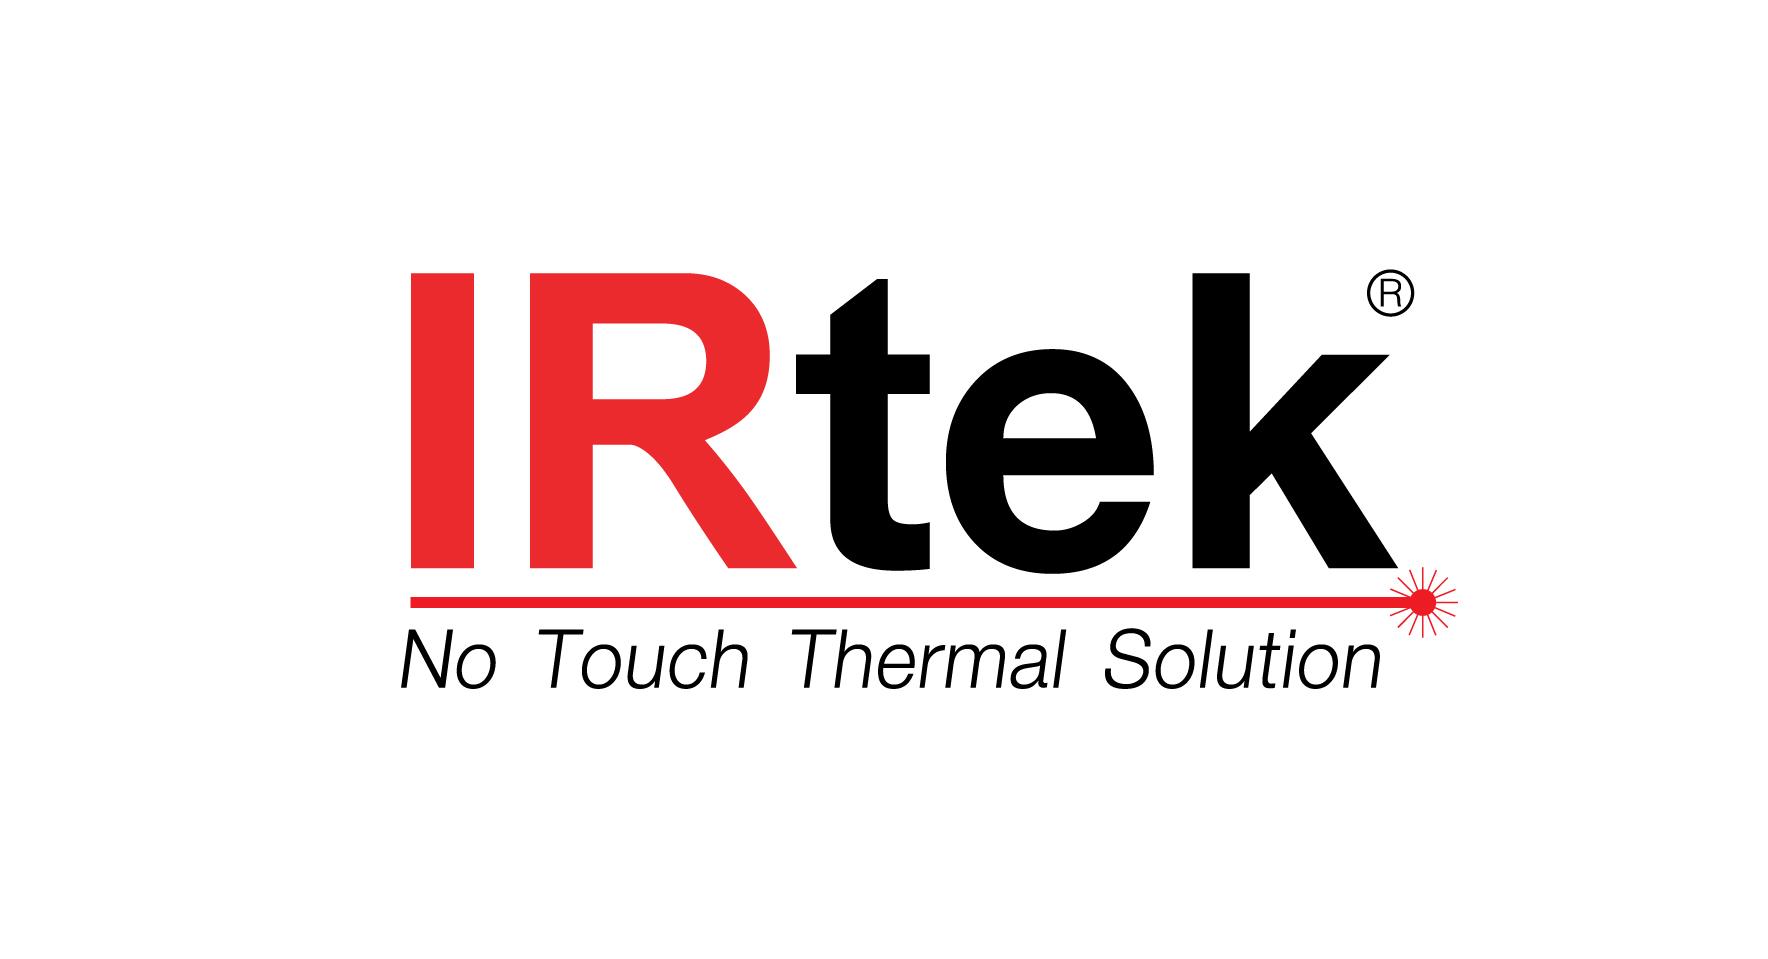 เครื่องมือวัดและควบคุมในงานอุตสาหกรรมจาก IRTEK